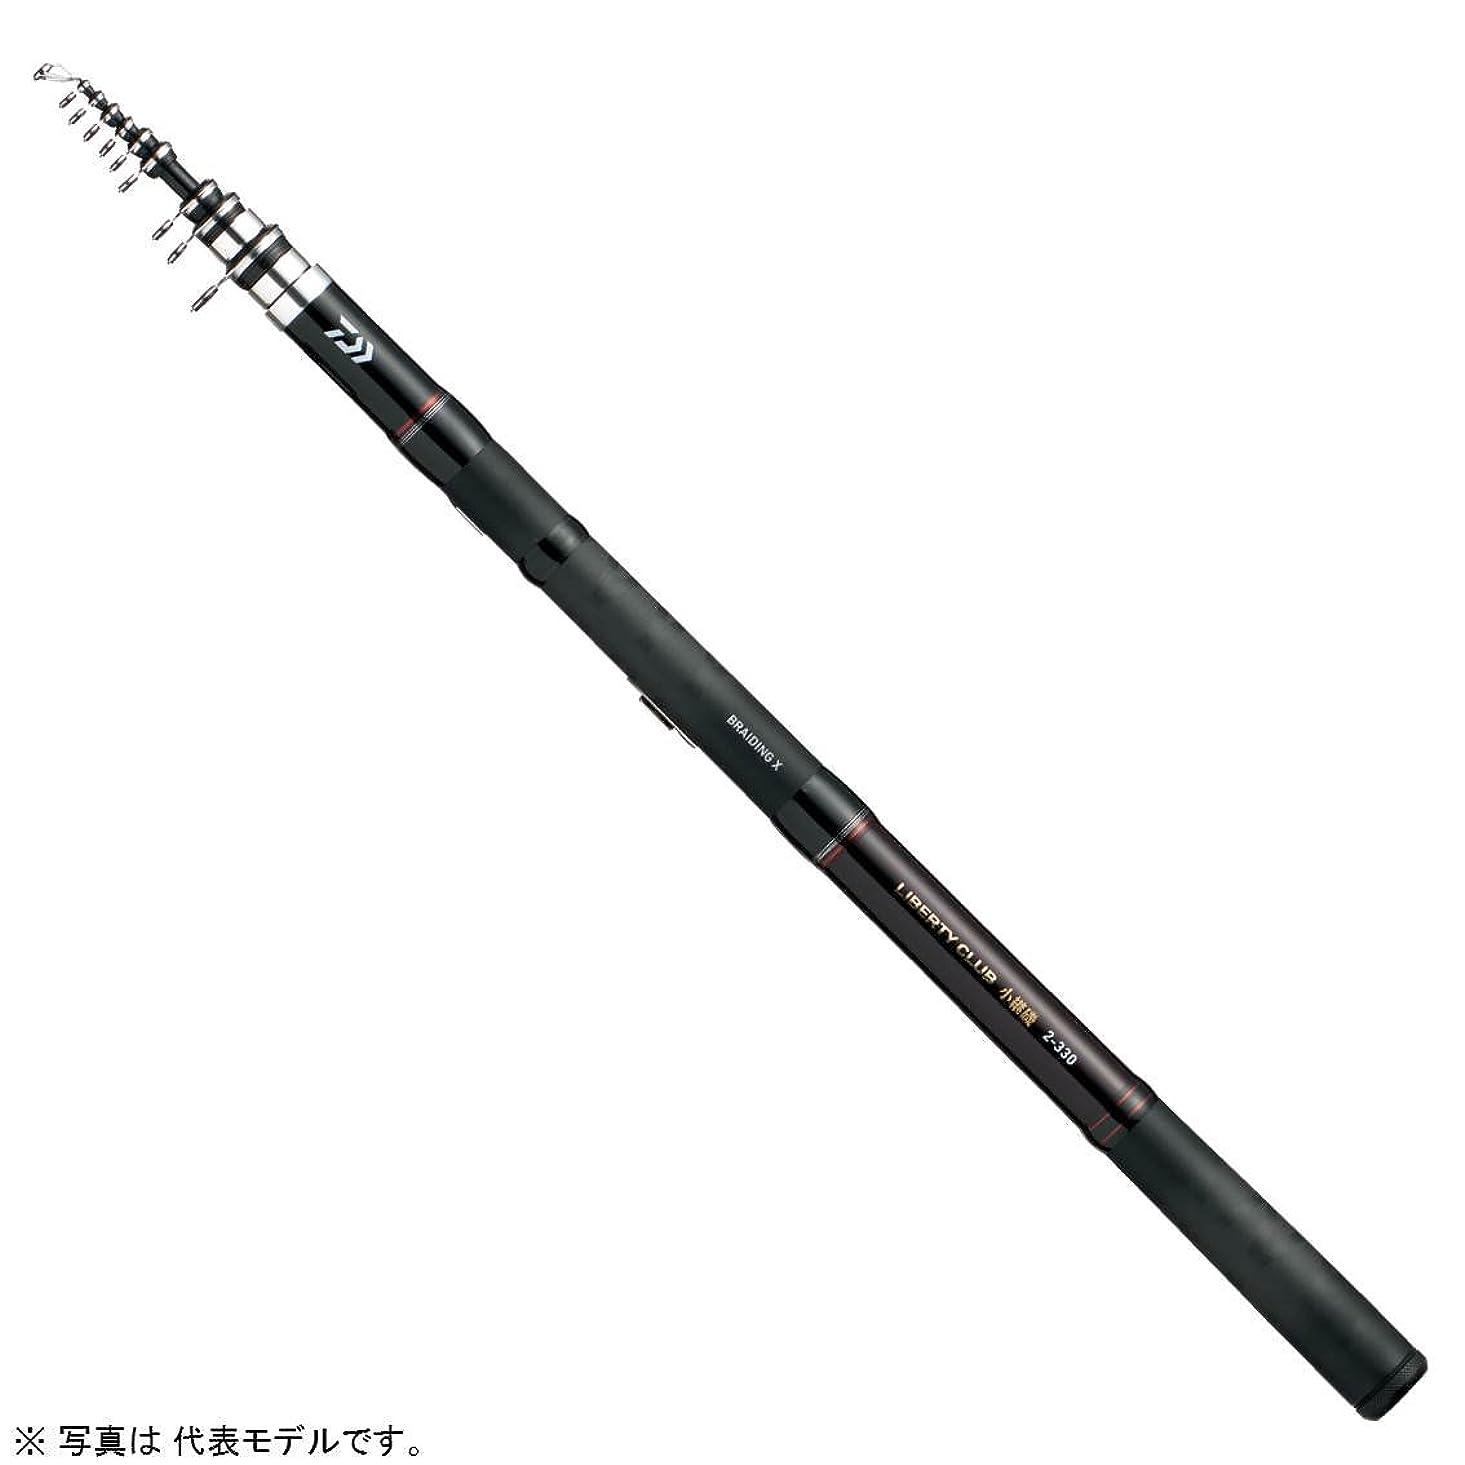 勧告社会拍車ダイワ(Daiwa) 磯竿 スピニング リバティ 小継磯 2-330 釣り竿